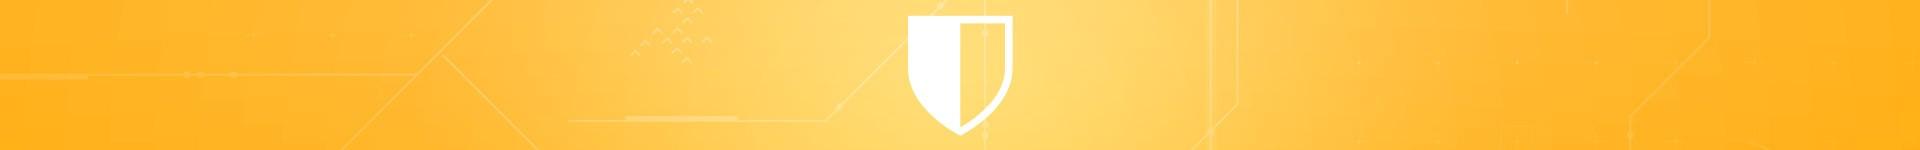 Sicherheits- und Überwachungskameras